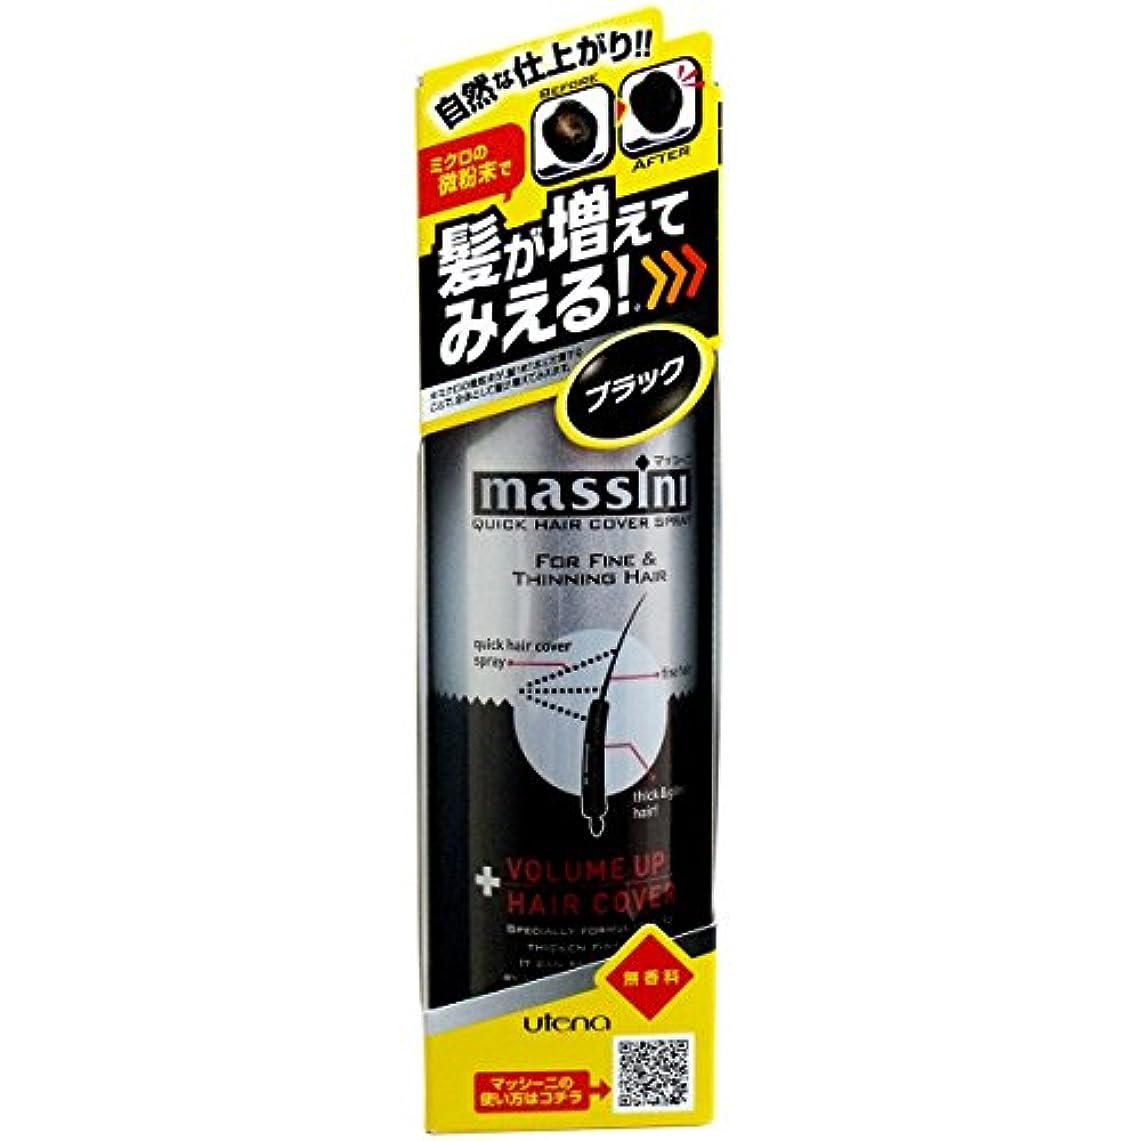 アスレチック注釈ありそう【ウテナ】マッシーニ クィックヘアカバースプレー(ブラック) 140g ×10個セット